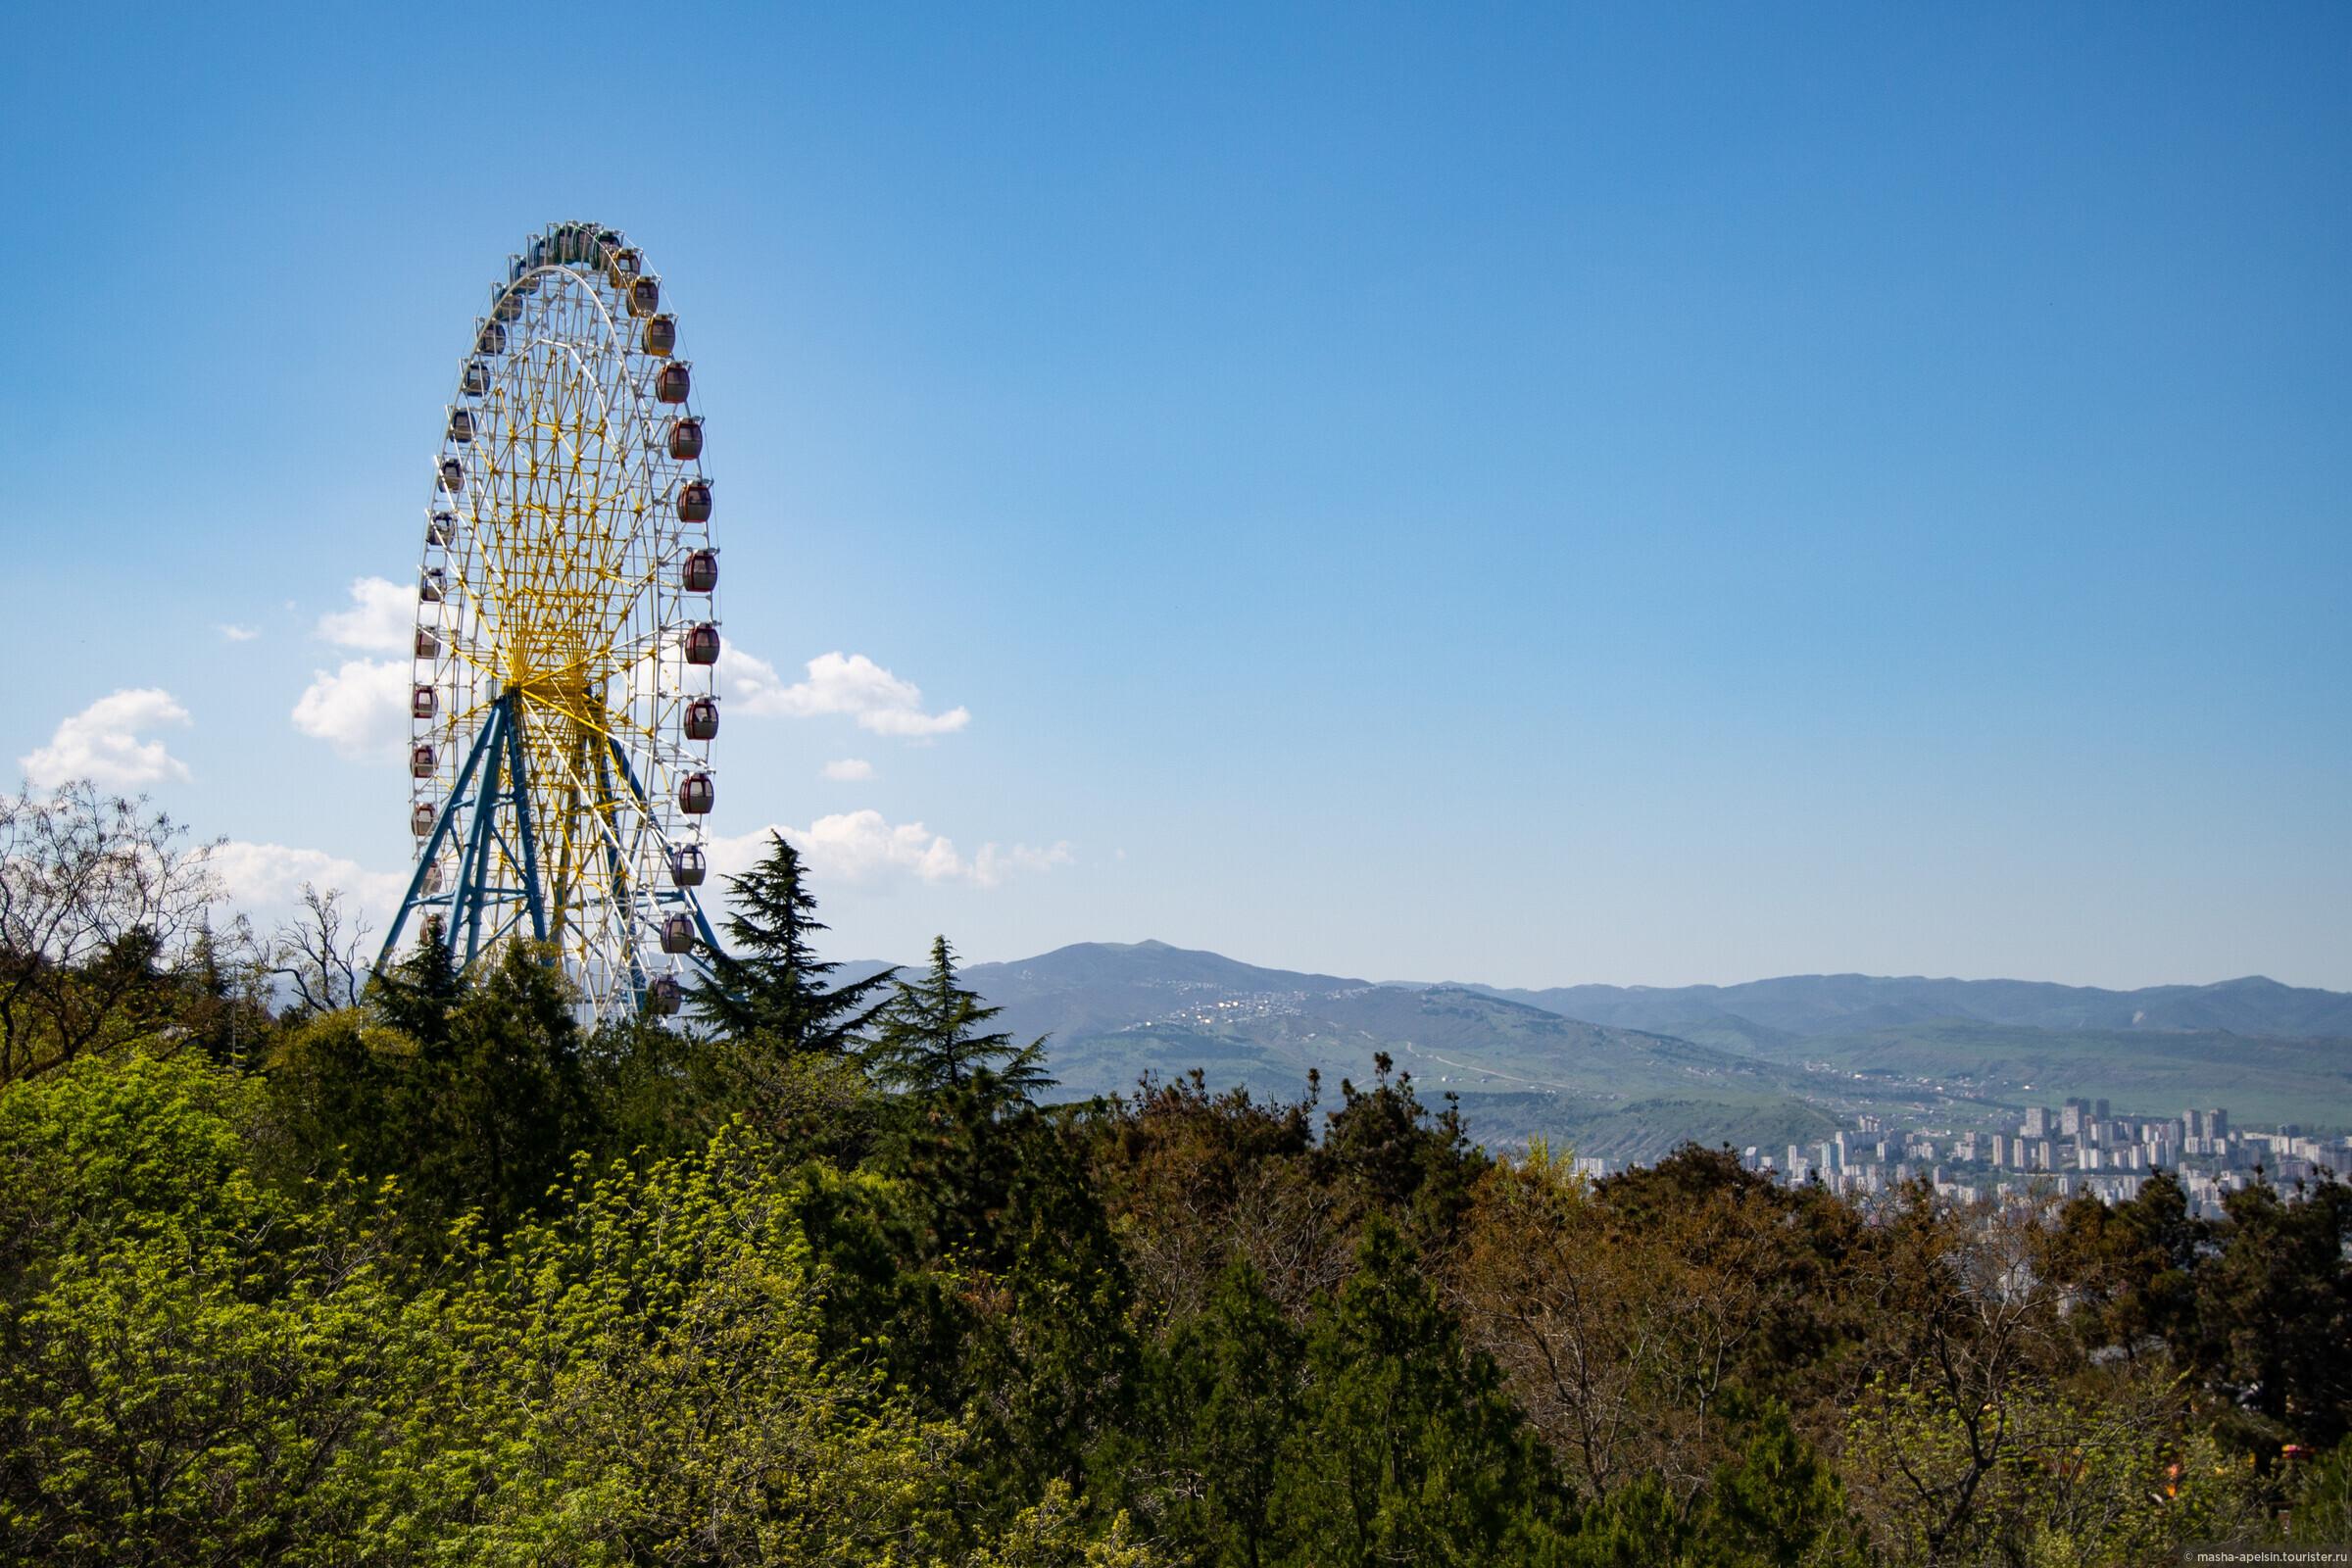 Грузия (день 8). Тбилиси: мост Мира, кафе «Габриадзе», гора Мтацминда, район Абанотубани